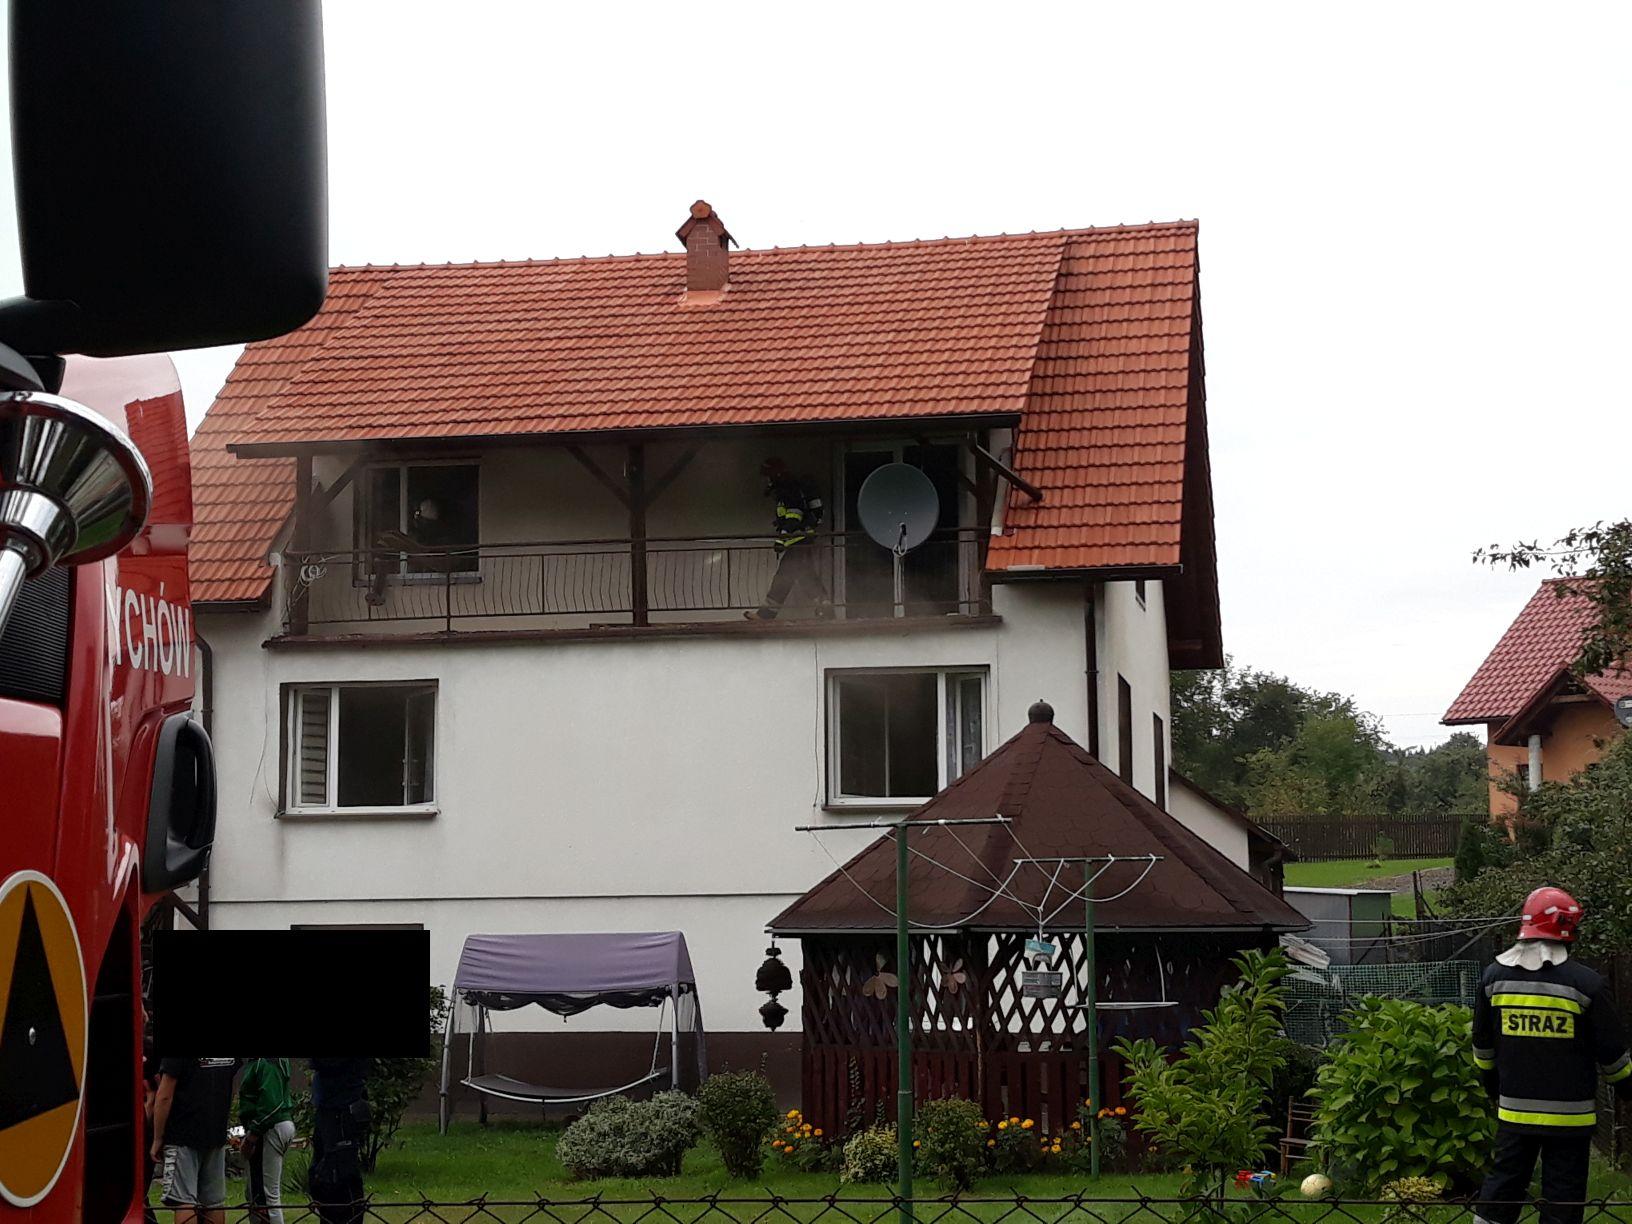 Szybka akcja, uratowano dom przed spaleniem [FOTO]